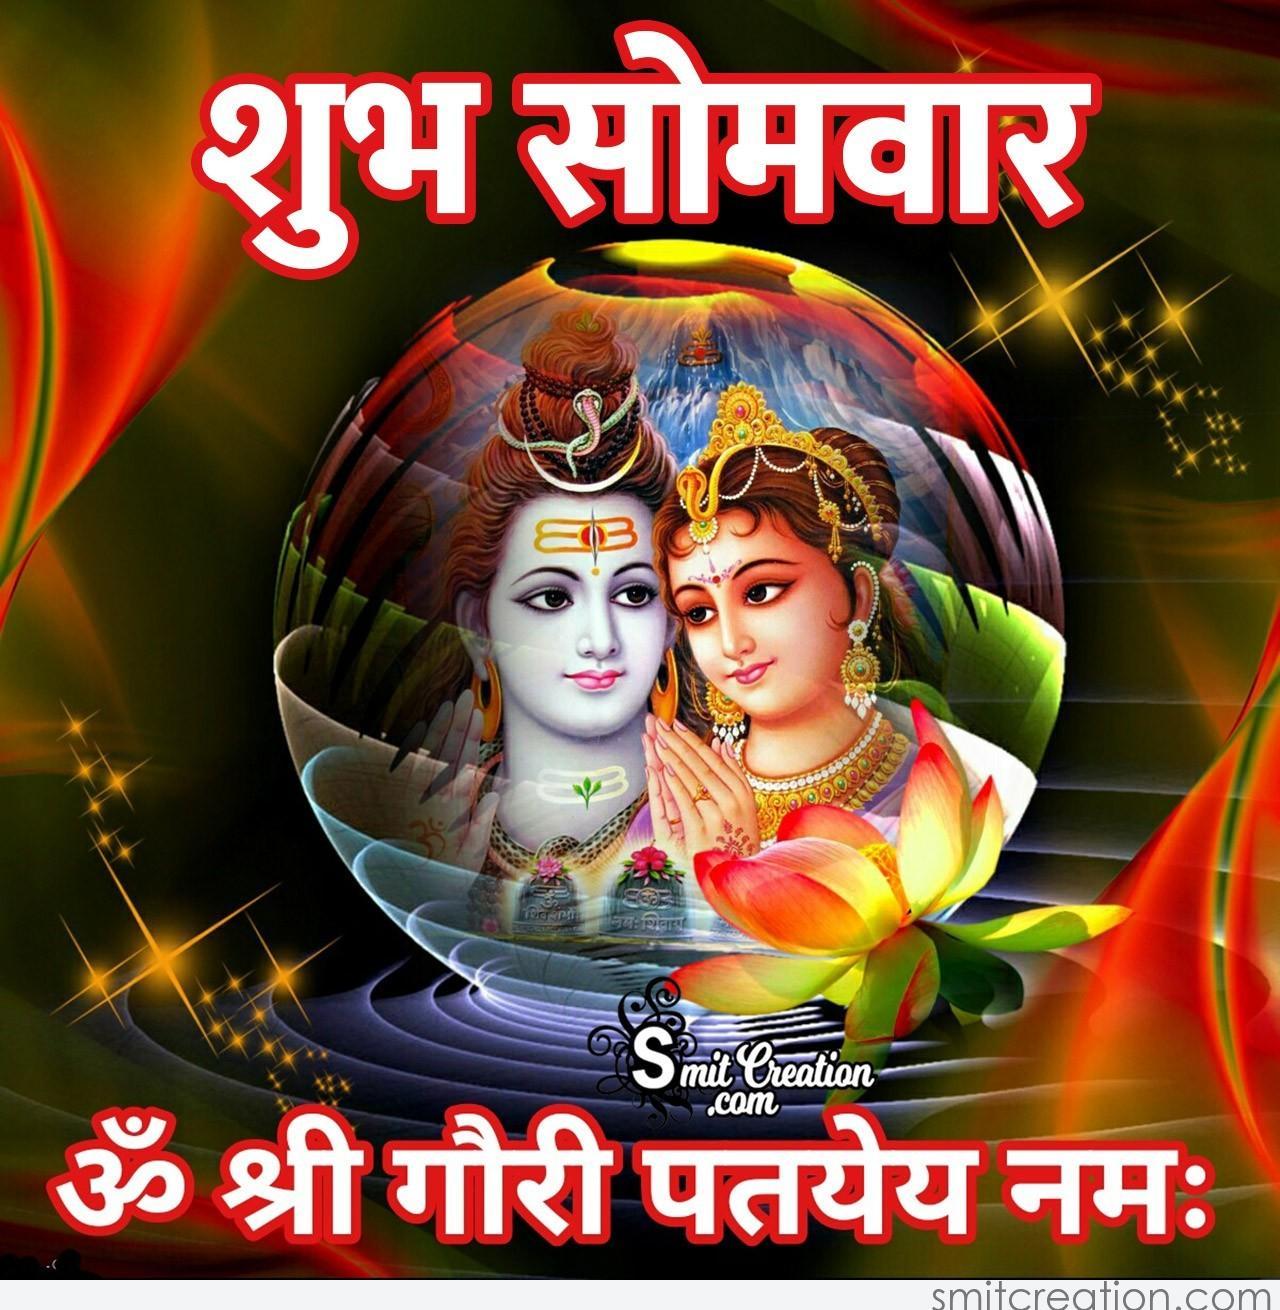 Shubh Somvar Shankar Gauri Photo Smitcreation Com